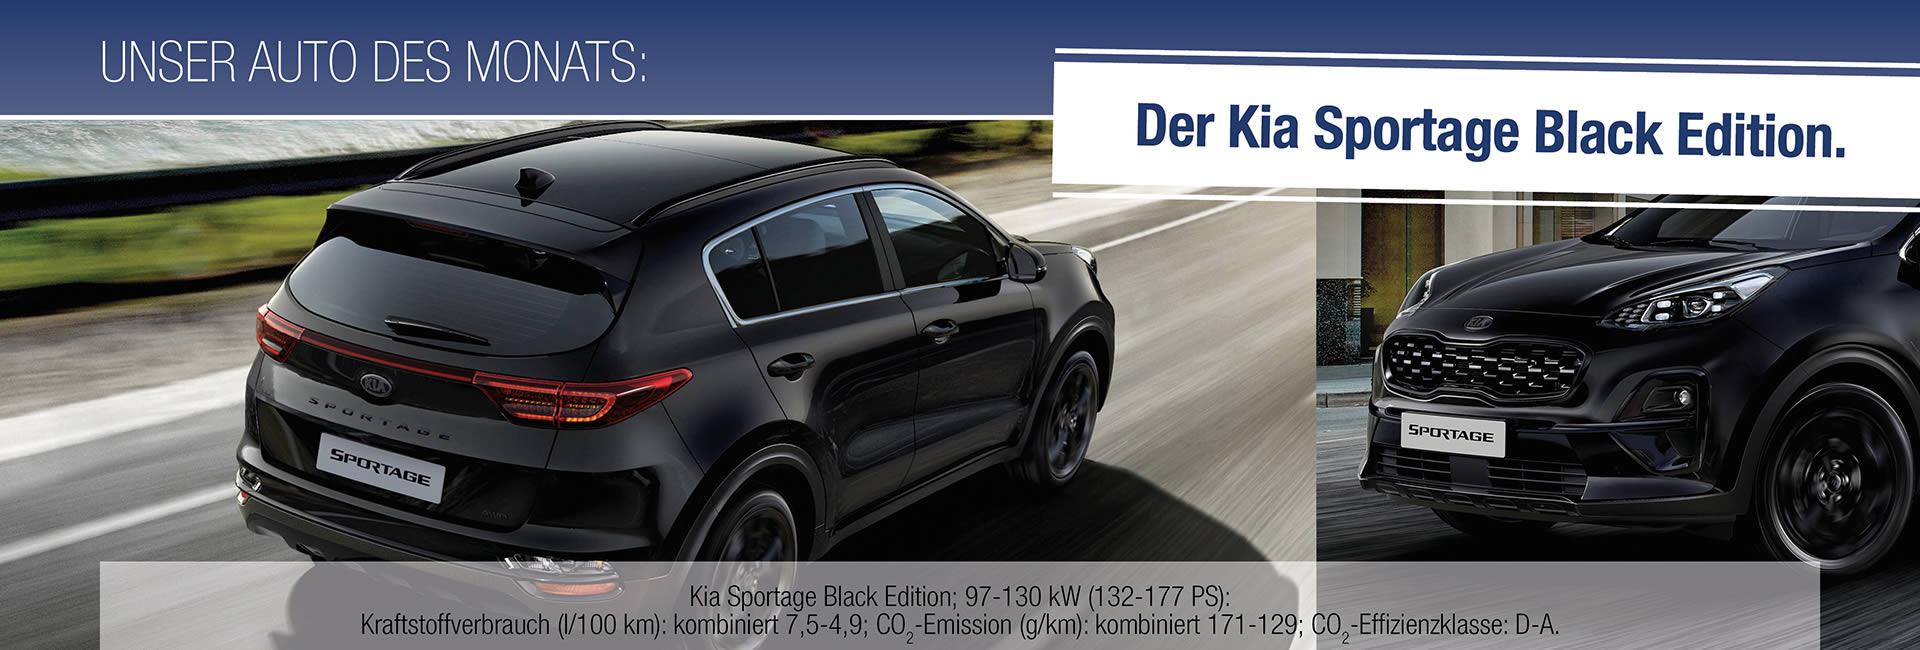 Auto des Monats 02-2021 Kia Sportage Black Edition – Slider